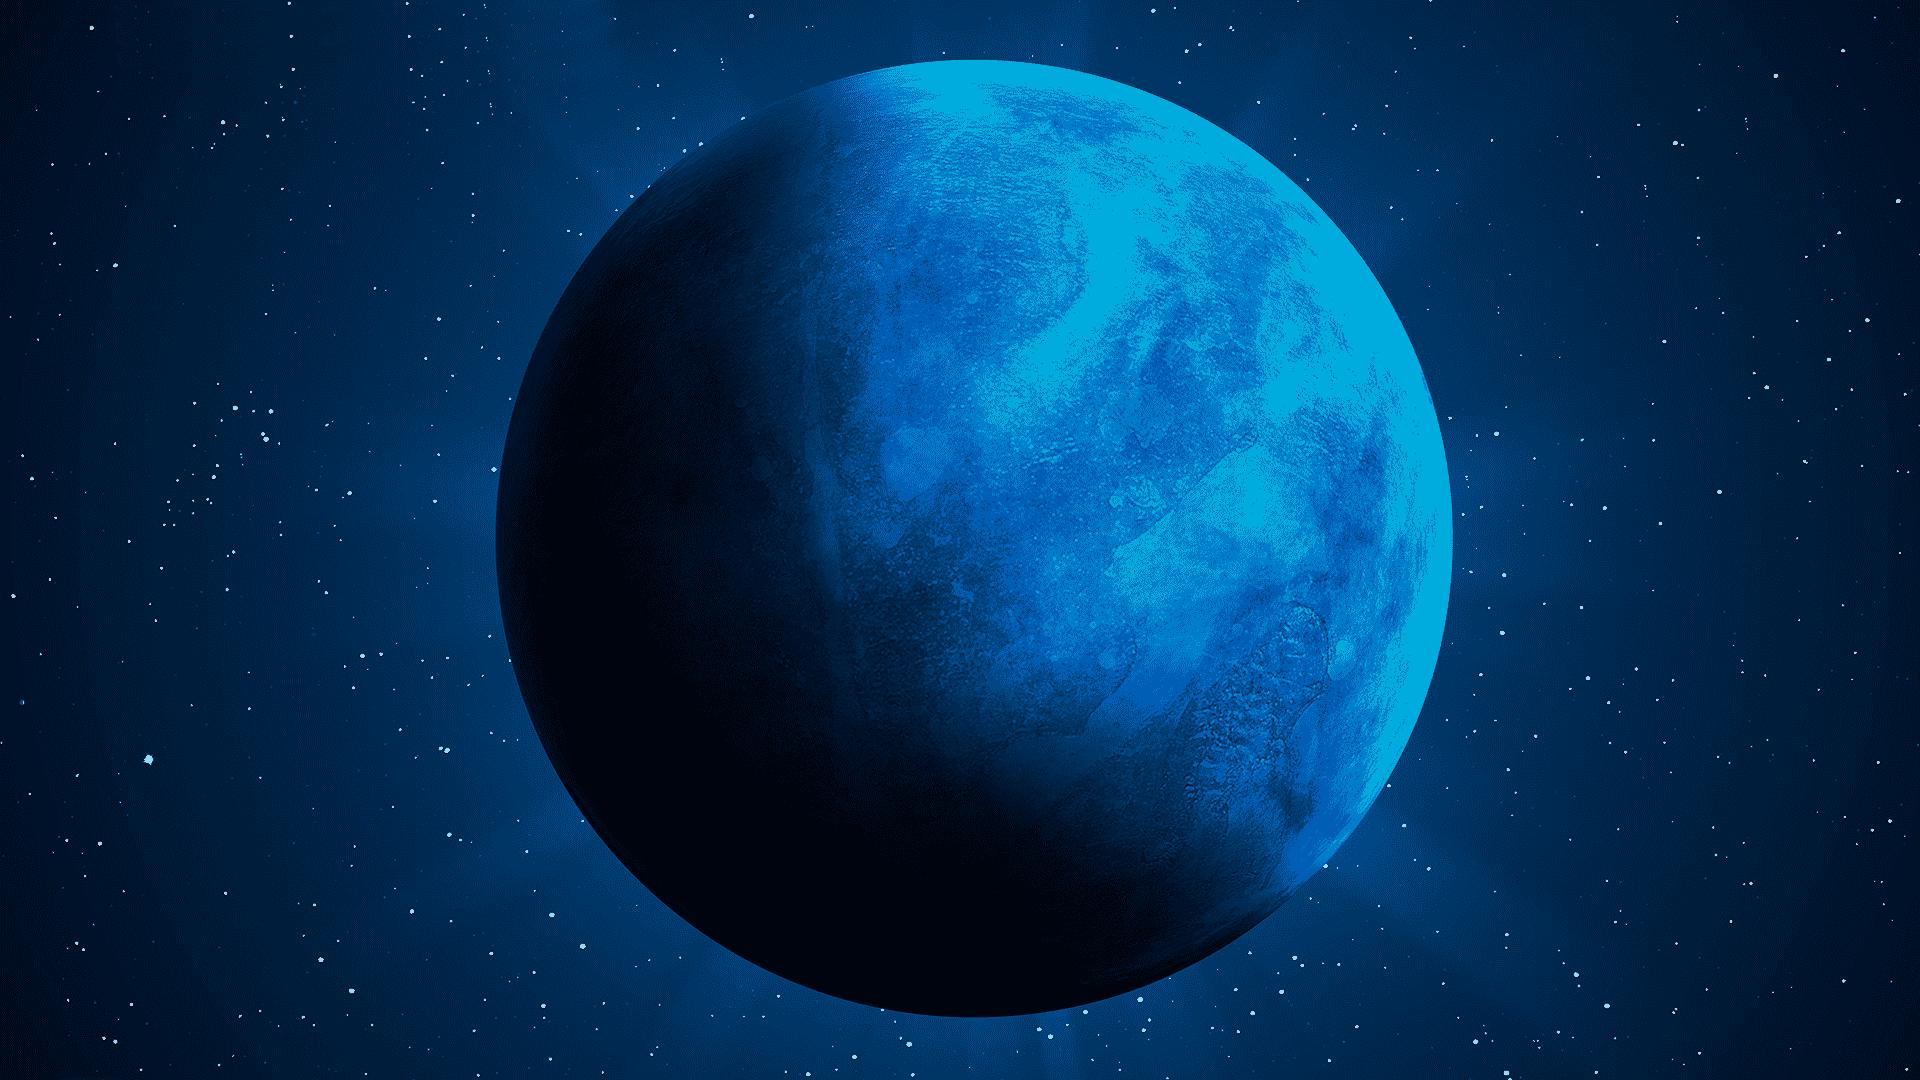 Os planetas do sistema solar e suas características